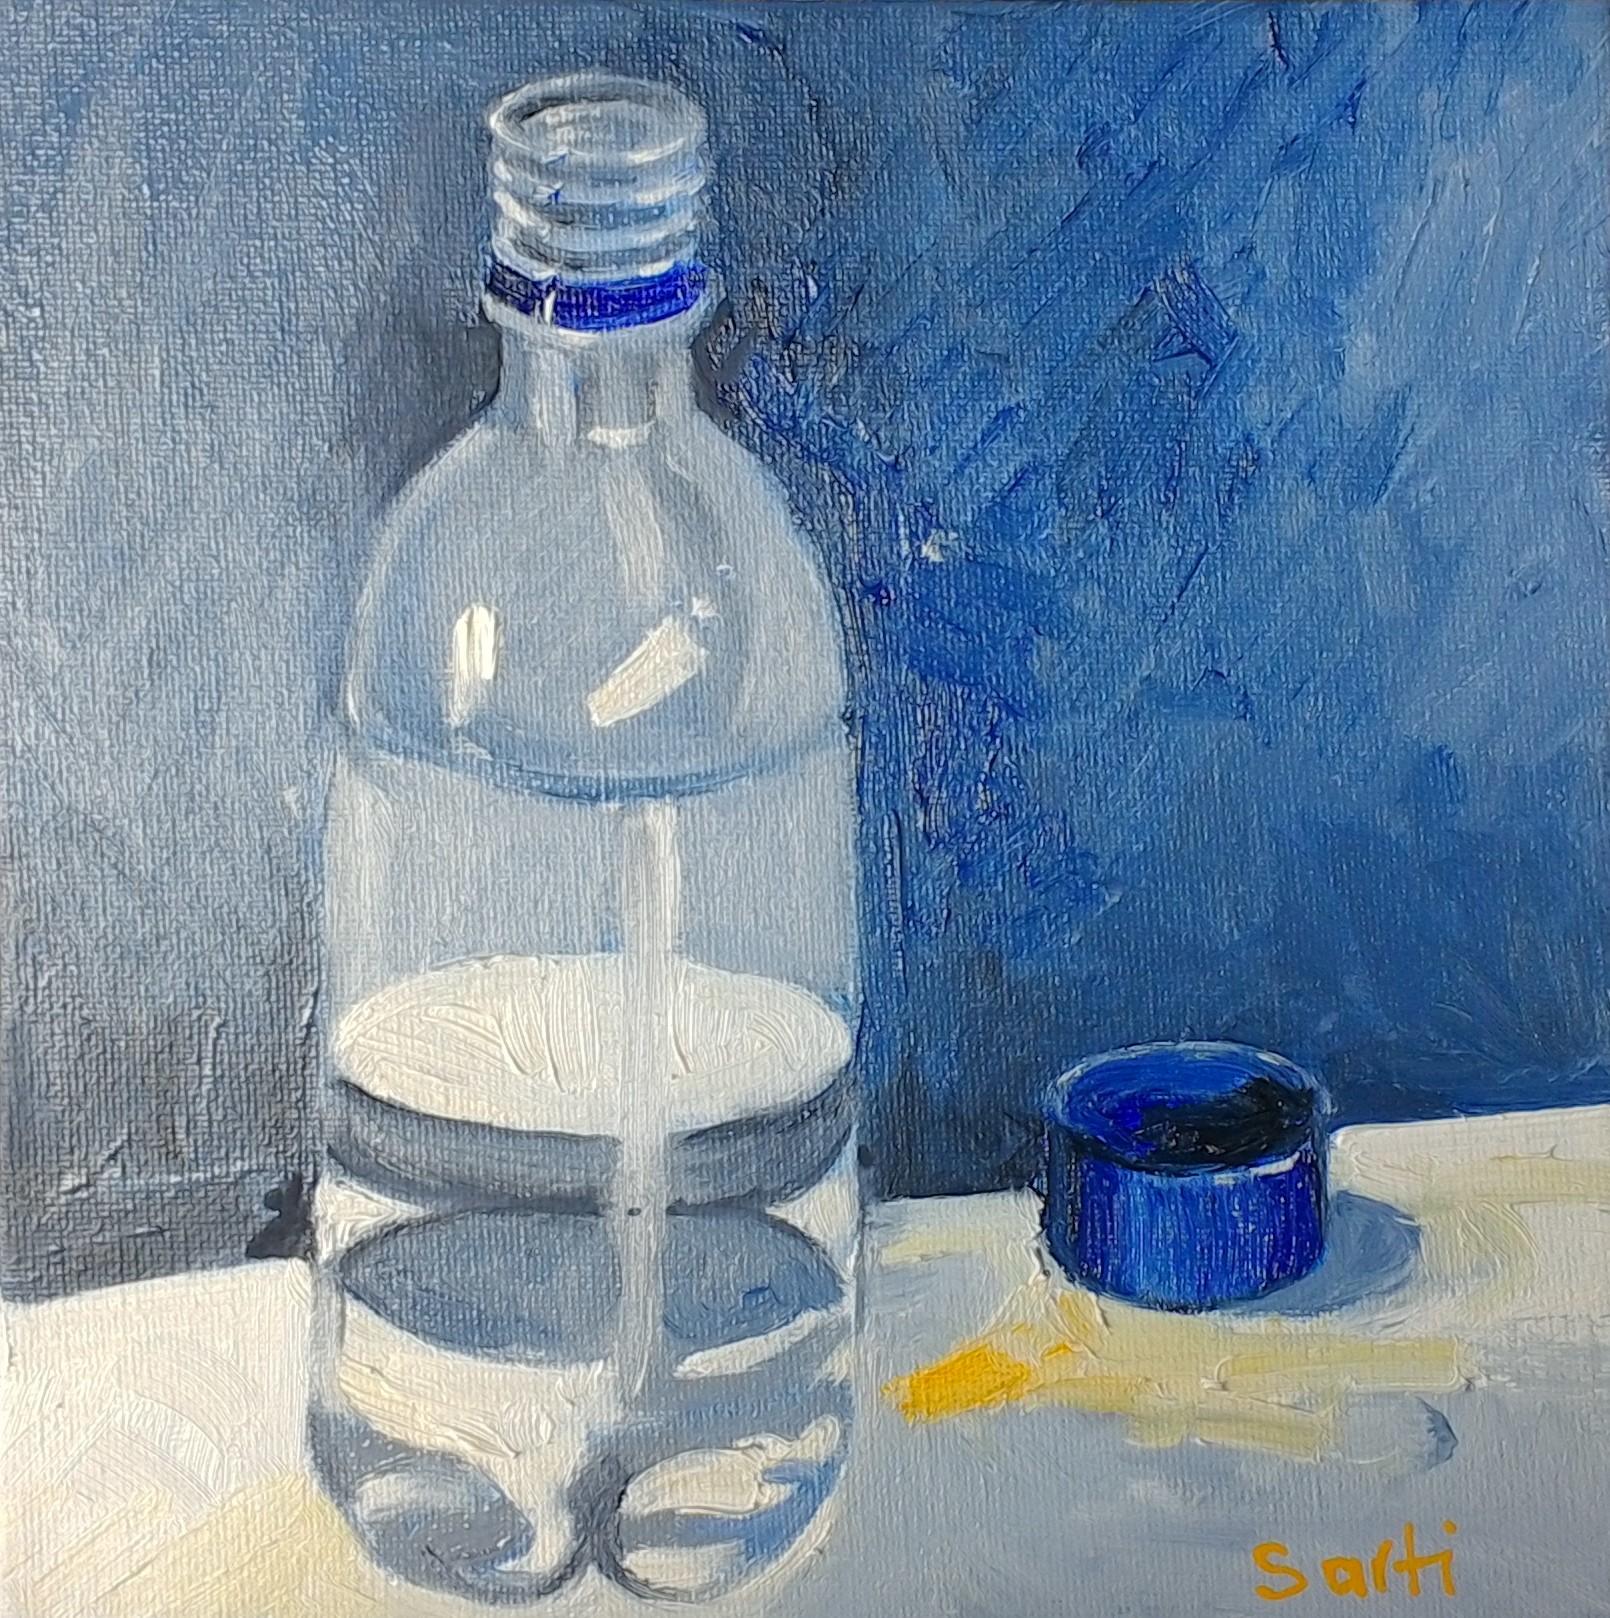 Water bottle oil on canvas 20x20 $200.jp